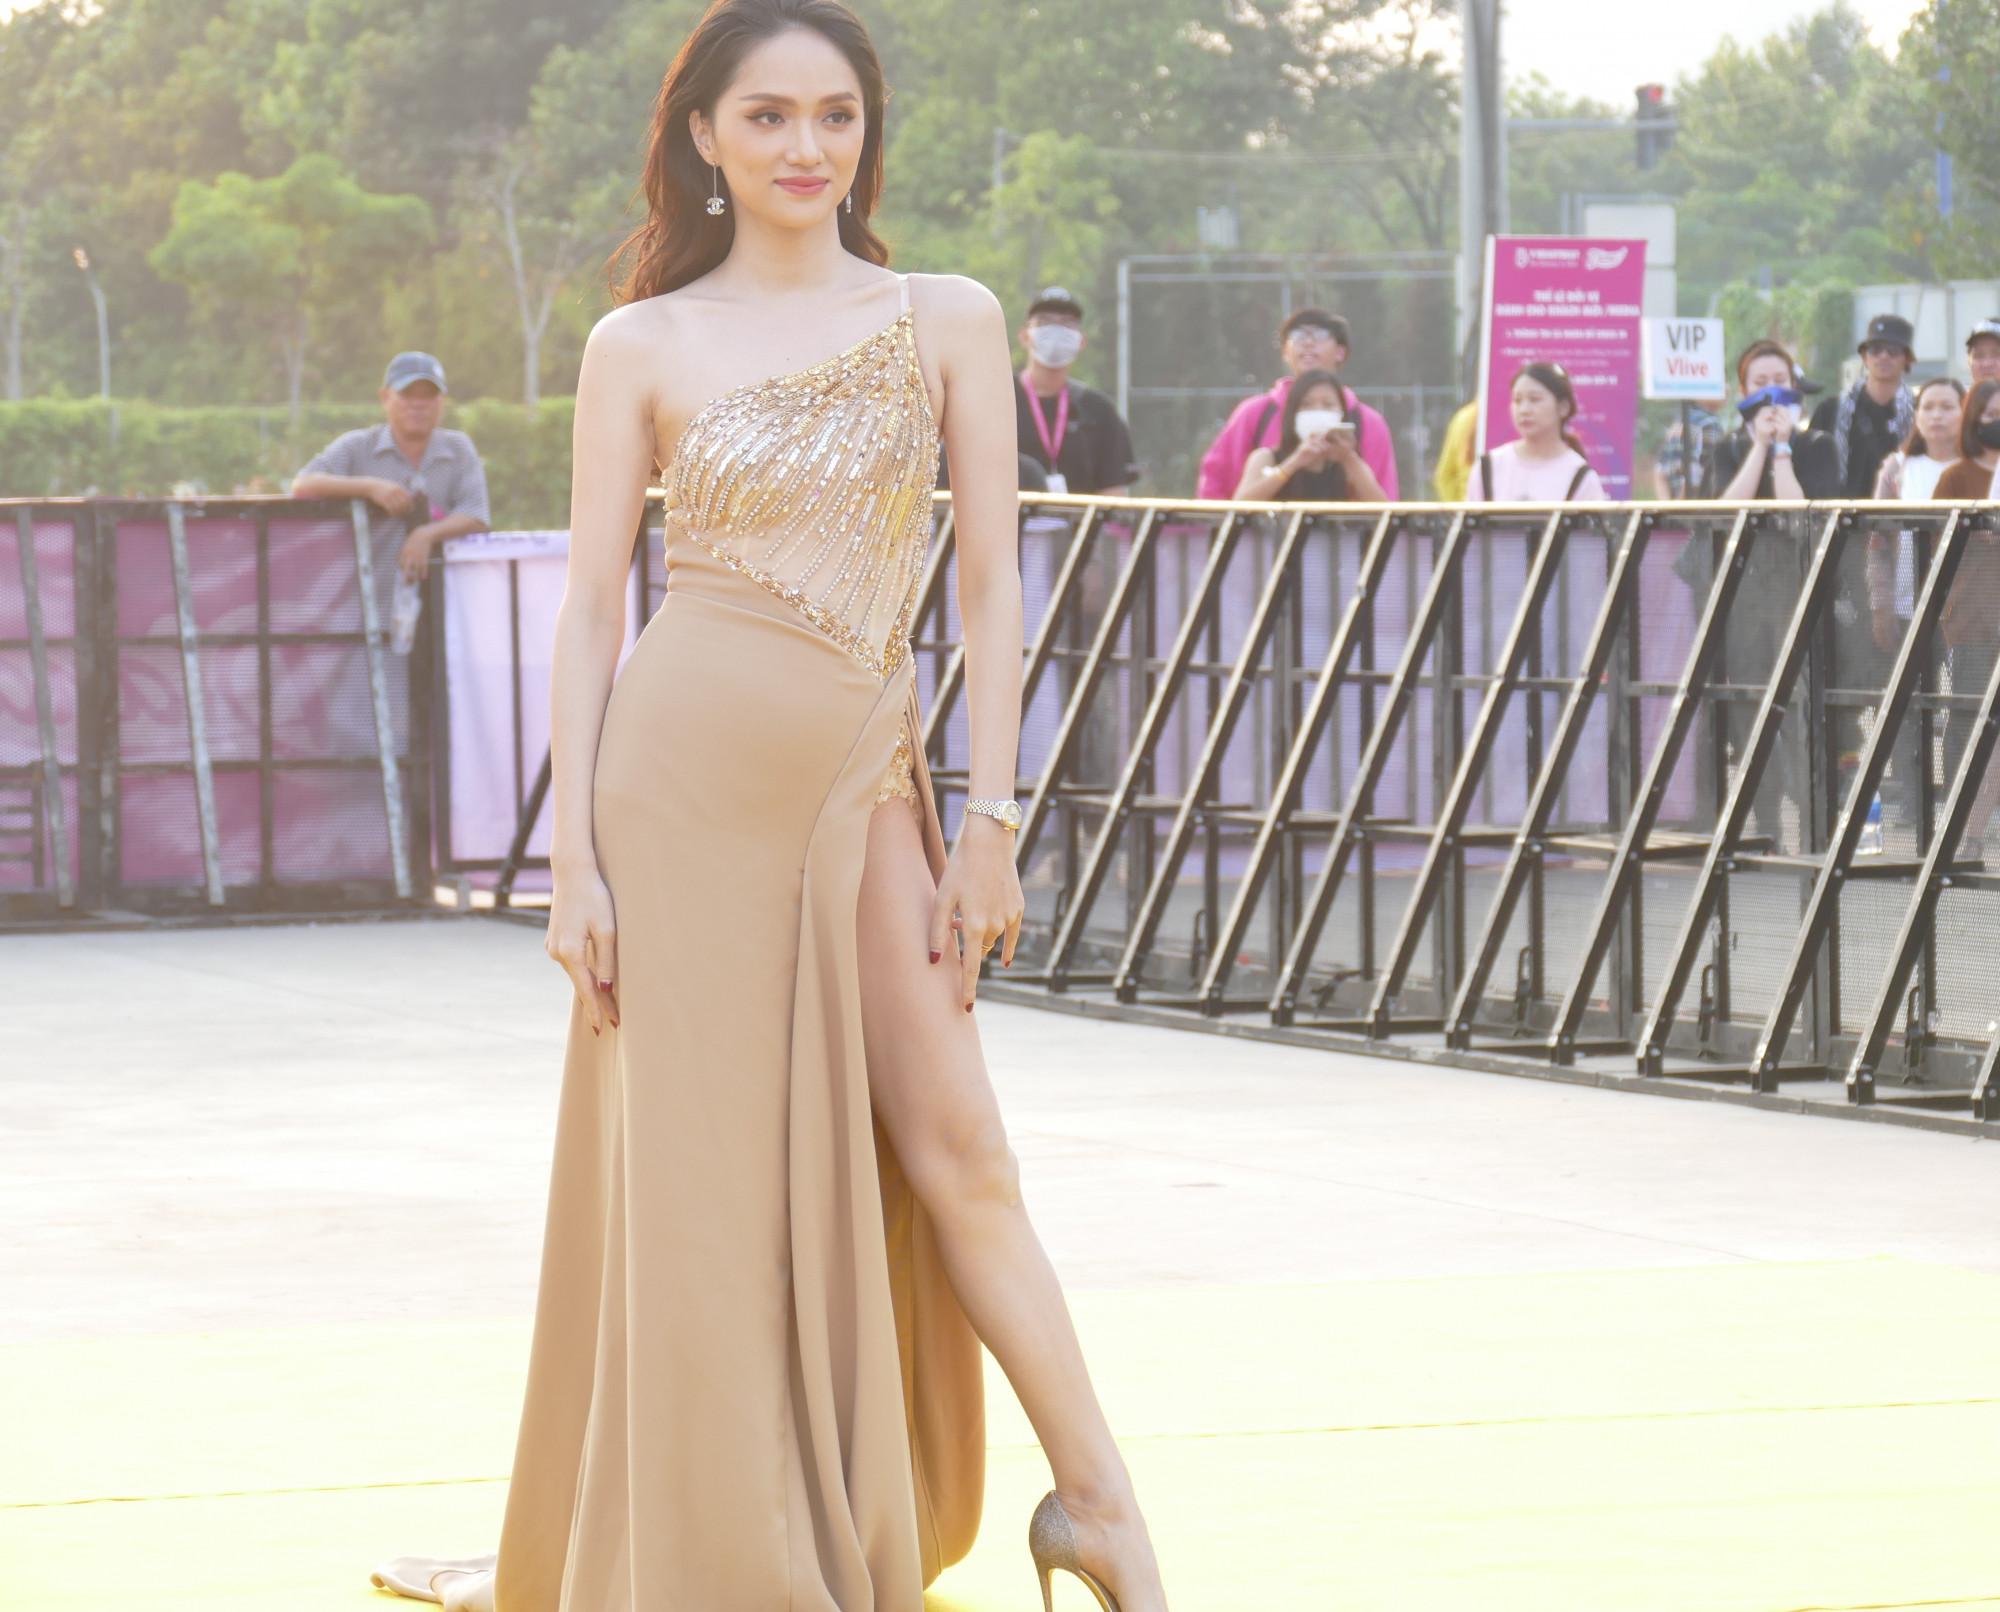 Hoa hậu Hương Giang diện bộ cánh bó sát, cắt xẻ táo bạo khoe đôi chân dài miên man cùng sắc vóc chuẩn của mình.